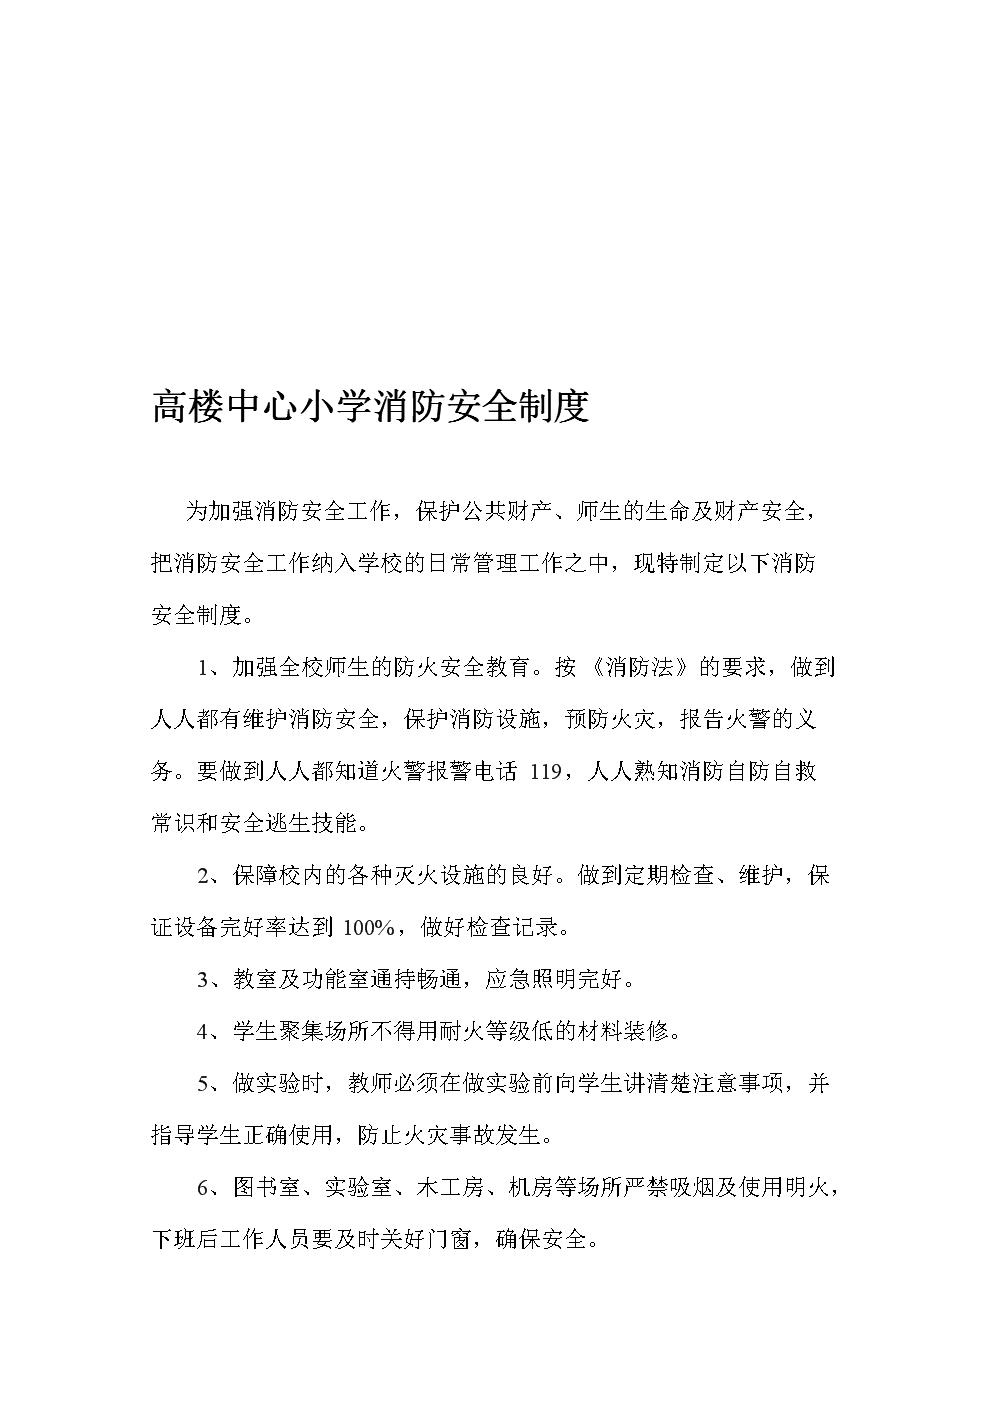 高楼中心小学消防安全制度.doc